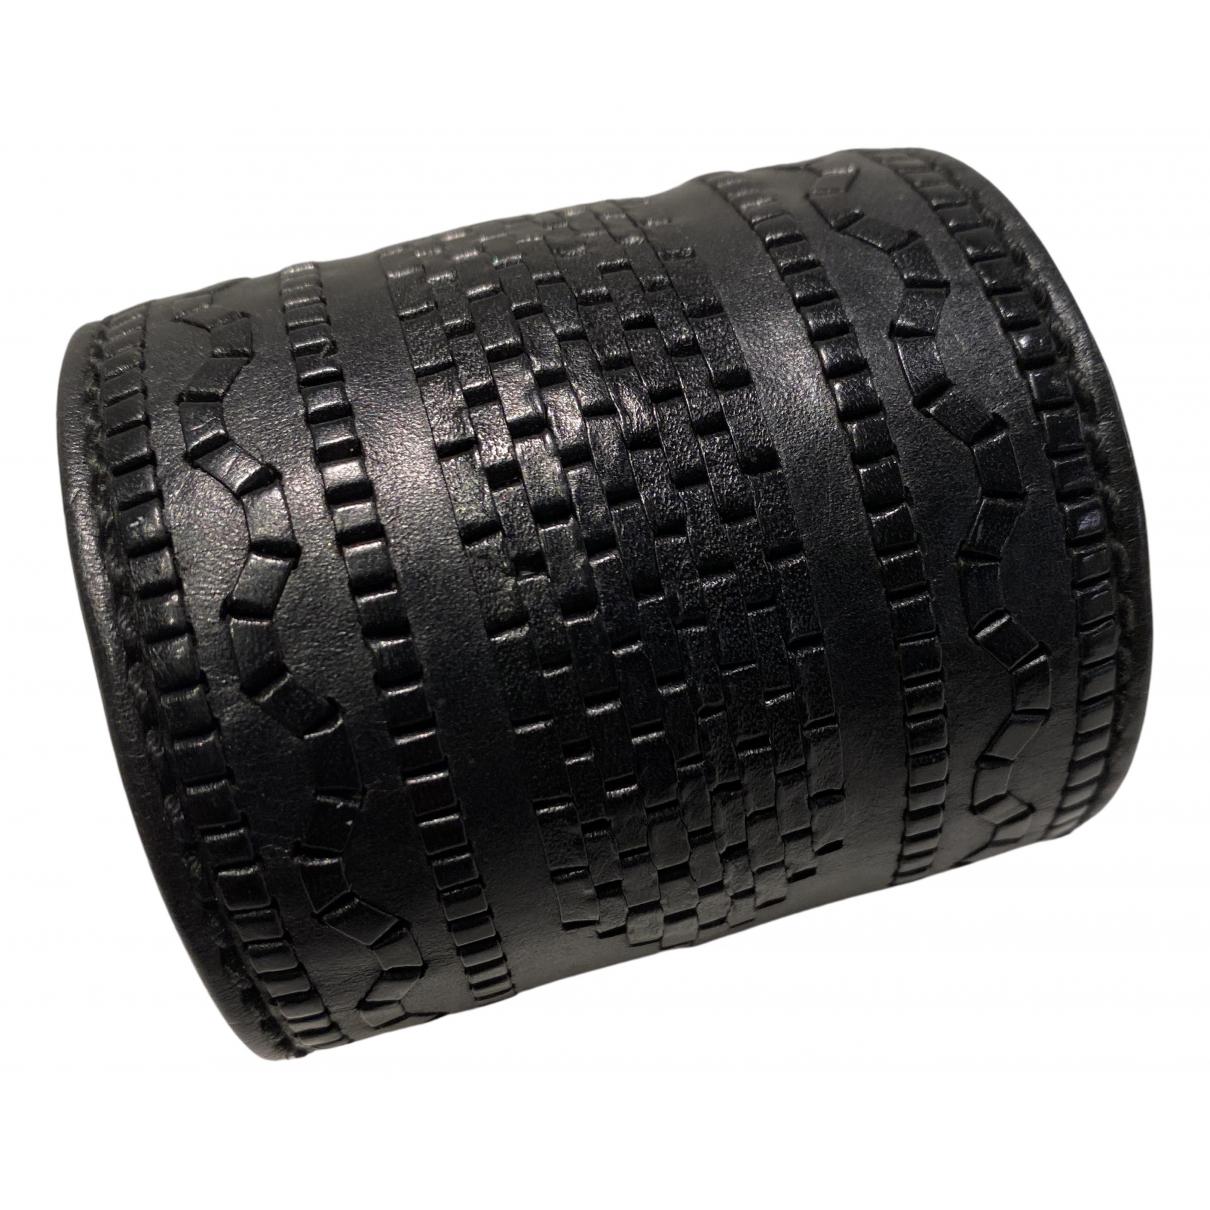 Yves Saint Laurent N Black Leather bracelet for Women N